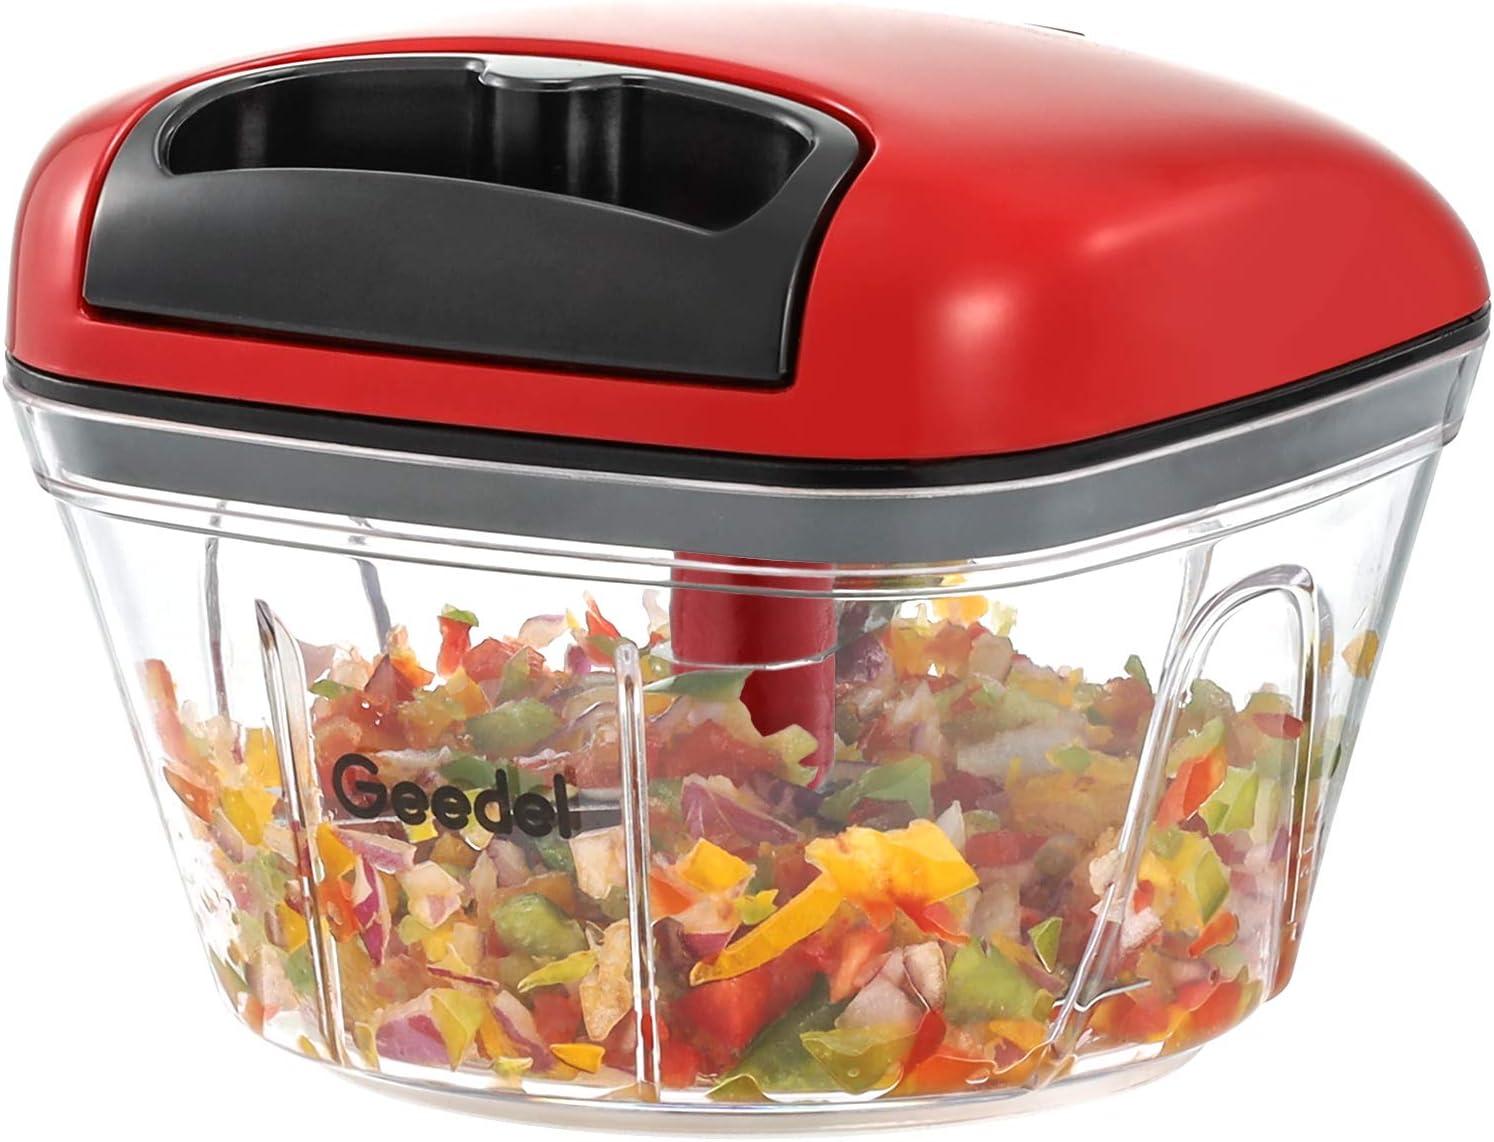 Pull Food Chopper, Manual Food Chopper Nut Chopper Easy to Clean